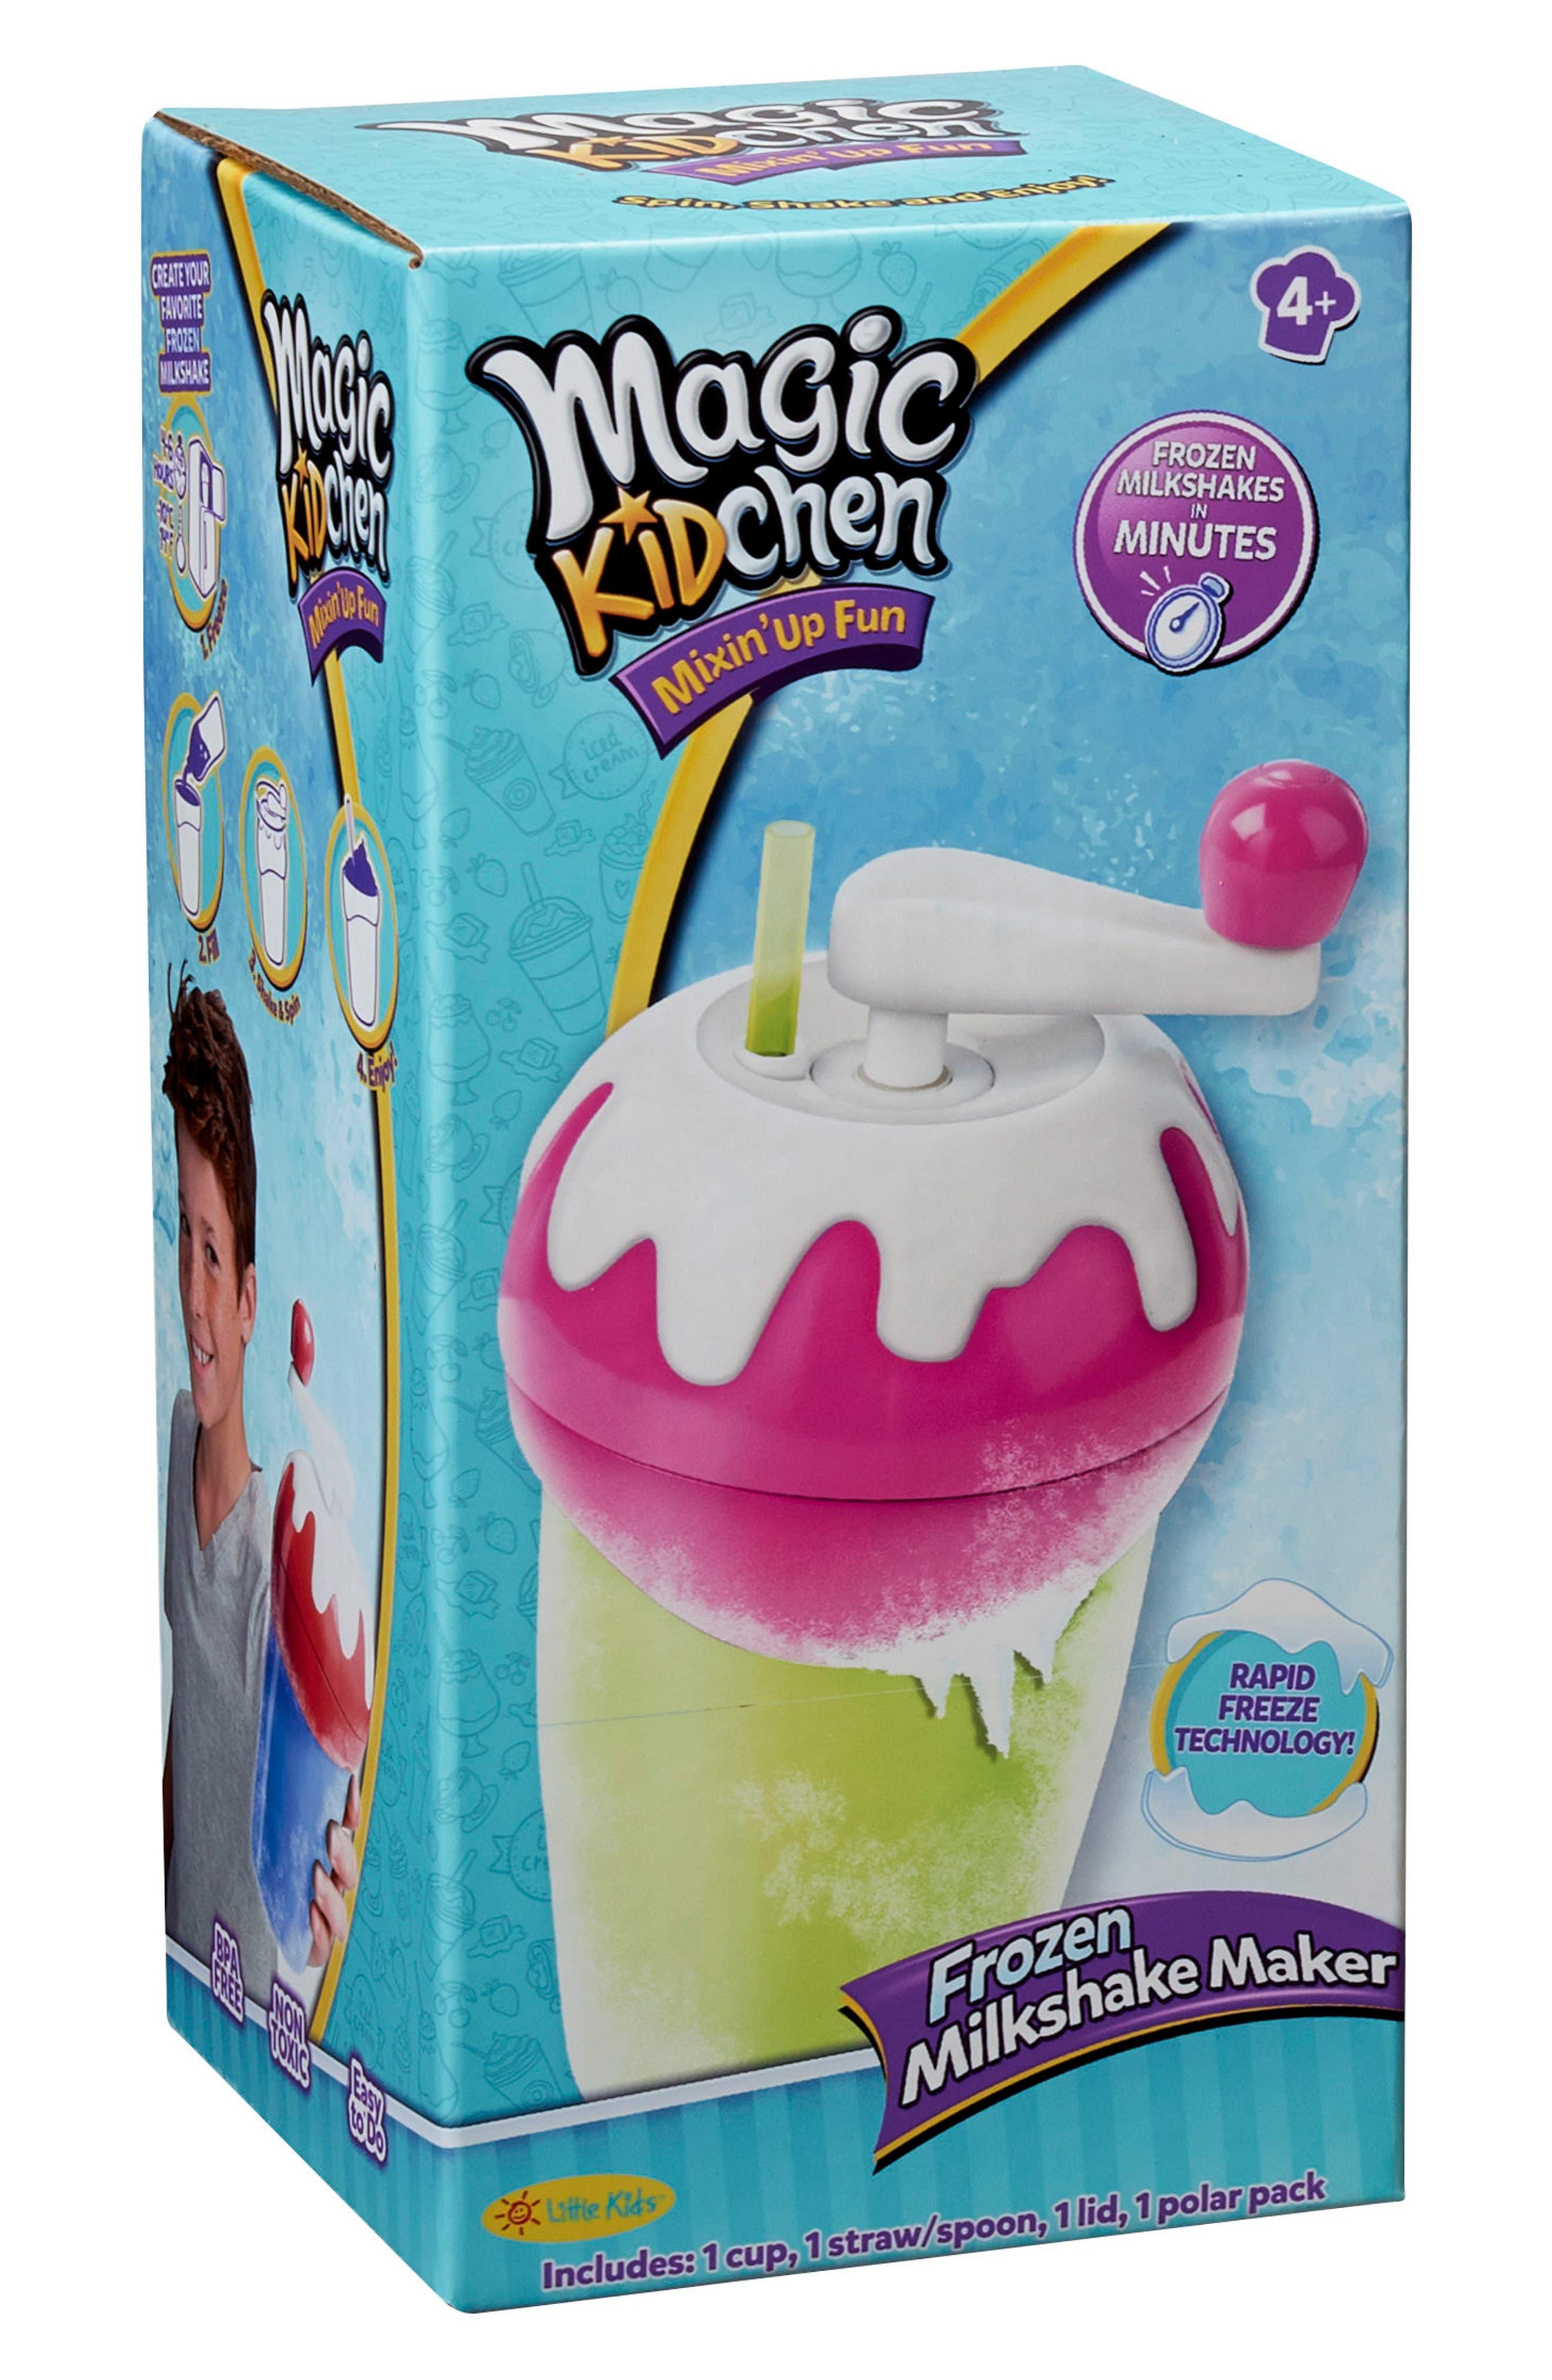 Magic Kidchen Frozen Milkshake Maker,                         Main,                         color, MULTI